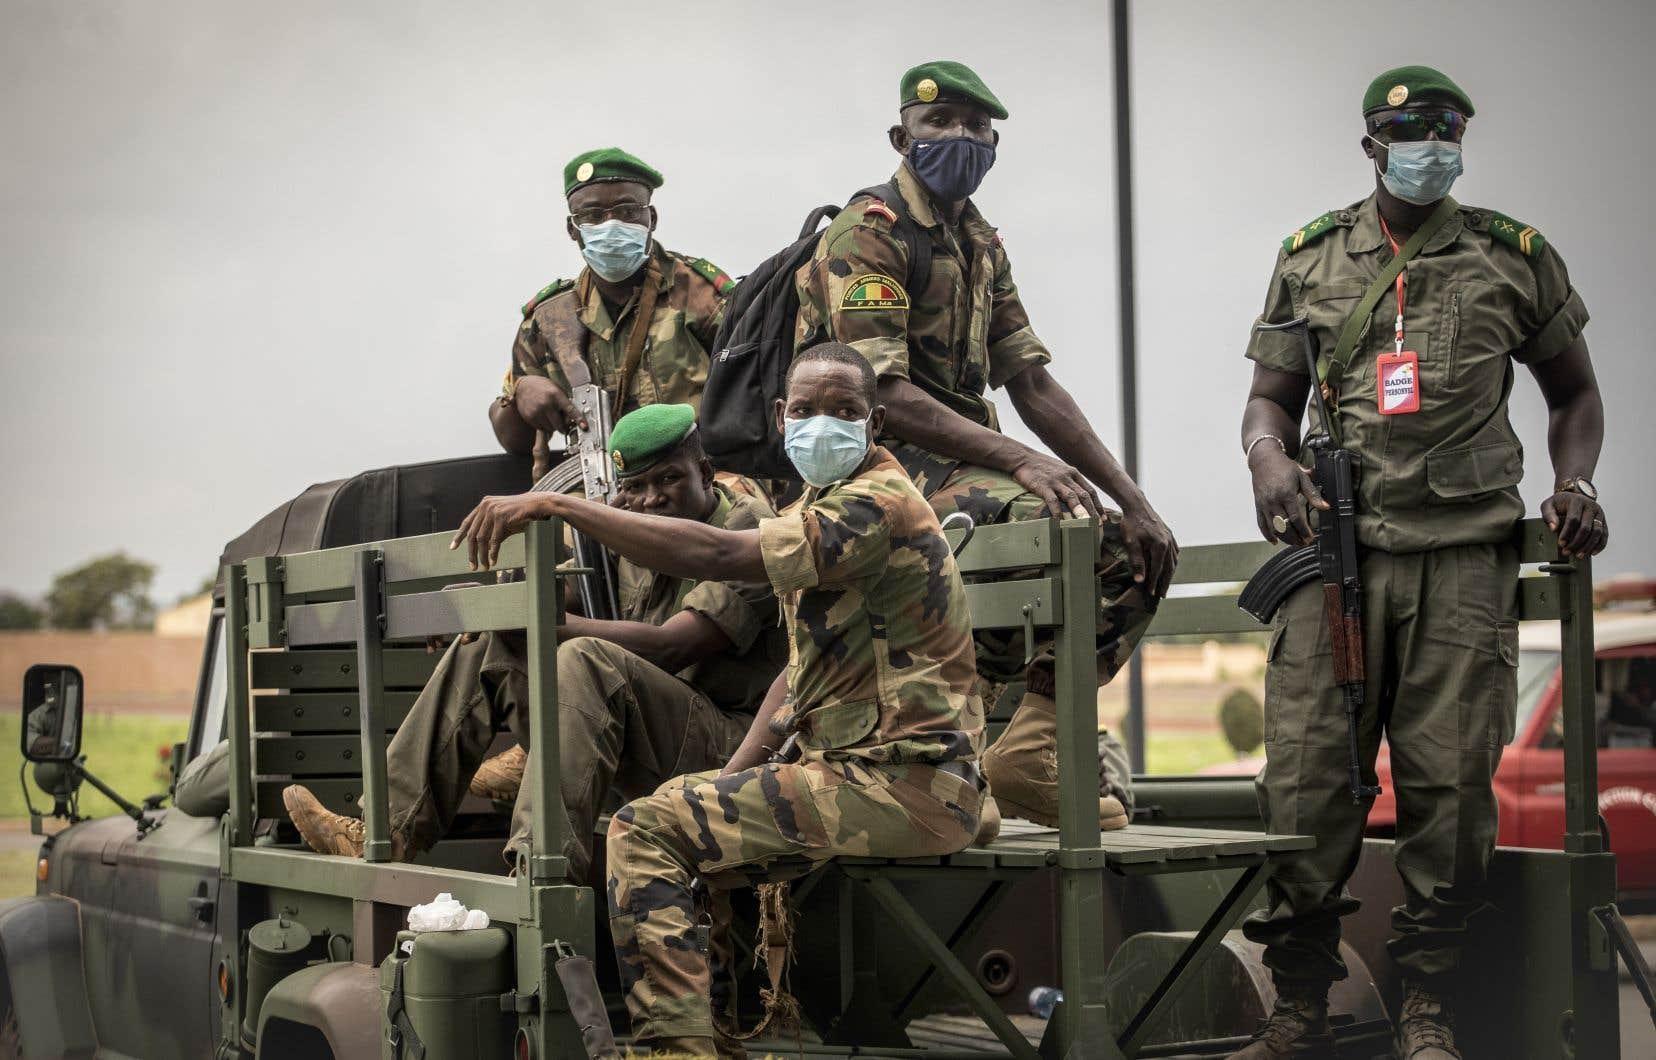 Les militaires ont pris le pouvoir au Mali à la suite d'un coup d'État mardi dernier.